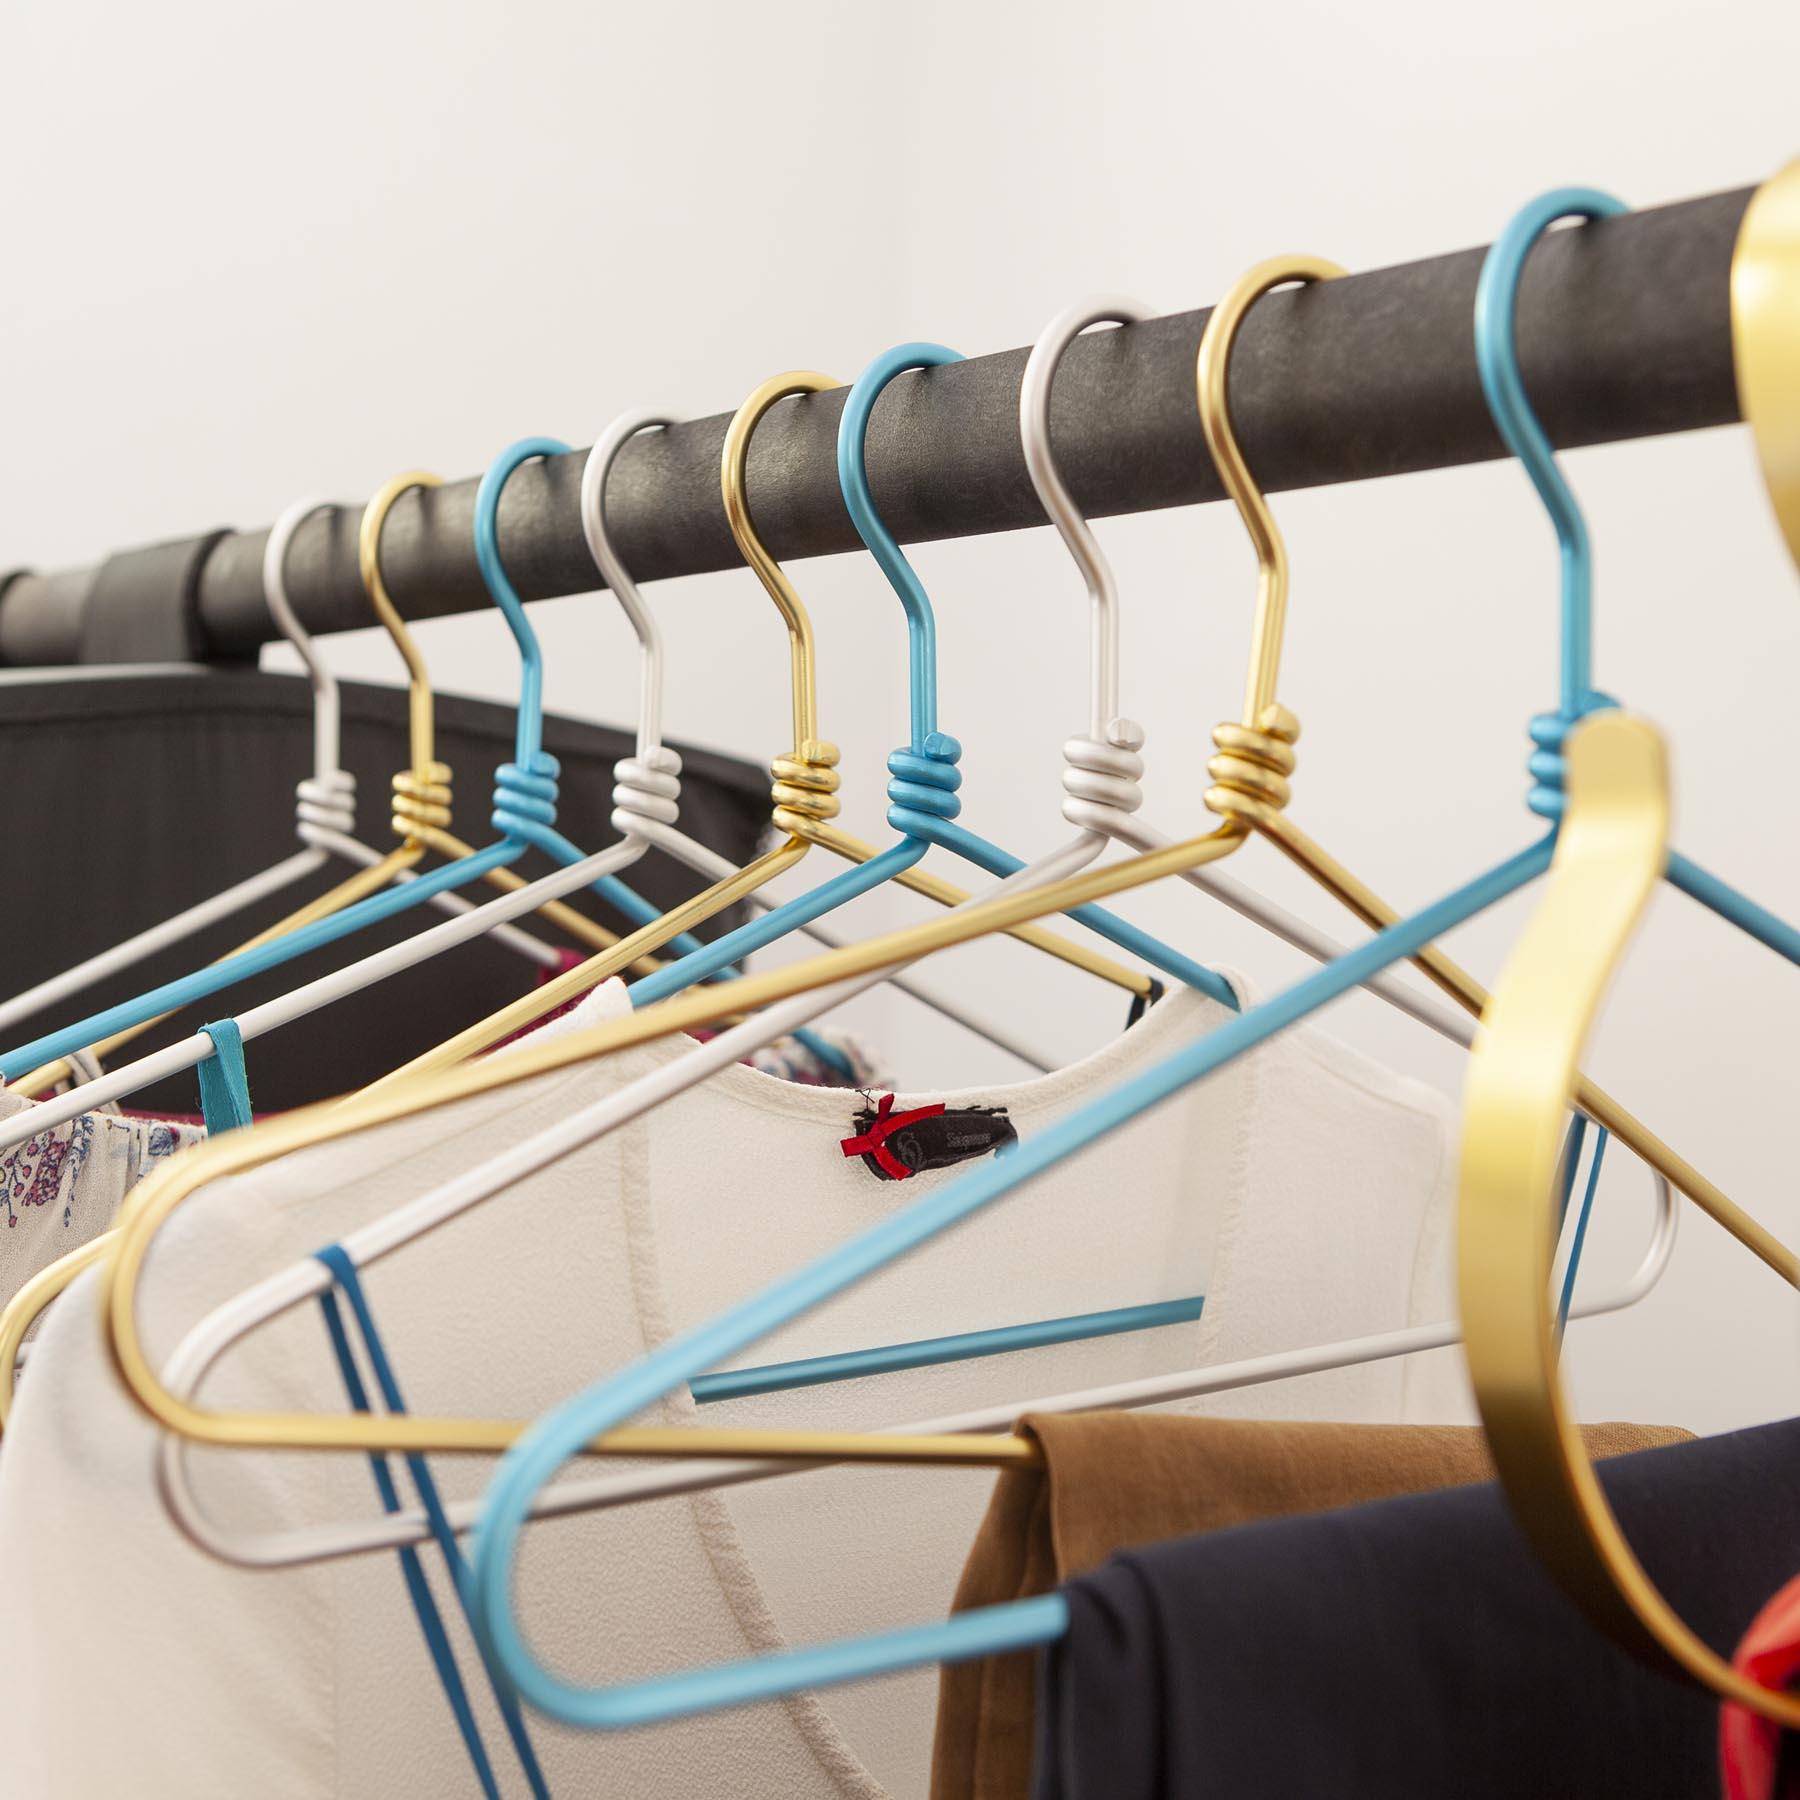 30 aluminium hangers - Golden / Silver / blue